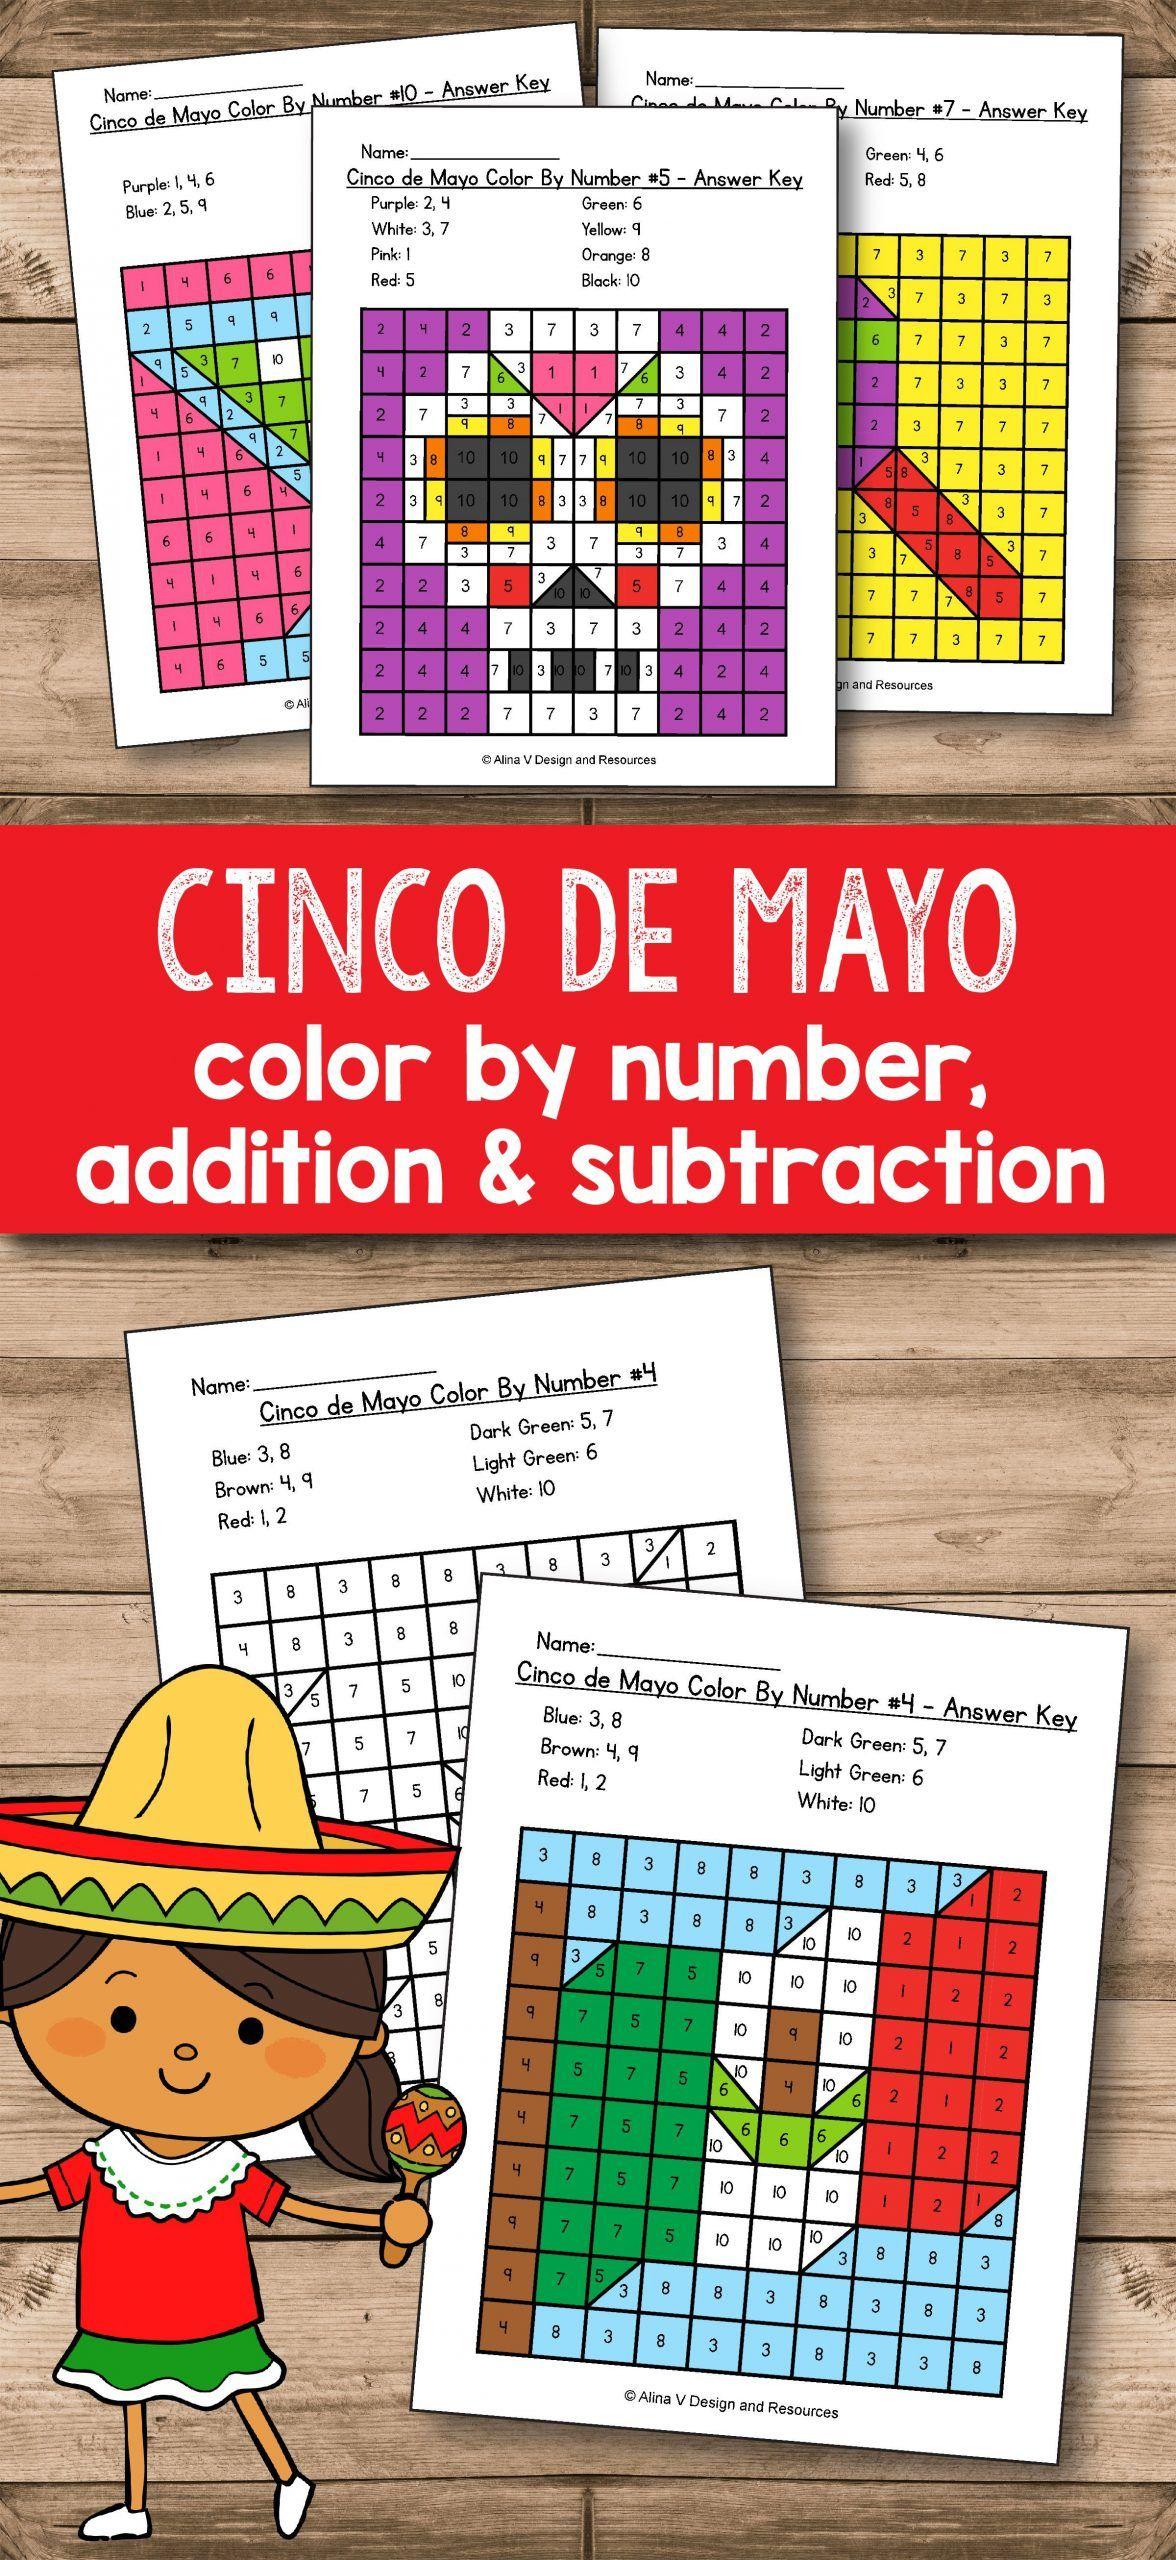 Cinco De Mayo Kindergarten Worksheets Worksheet For Kindergarten Kindergarten Activities Cinco De Mayo Kindergarten Worksheets [ 2560 x 1176 Pixel ]